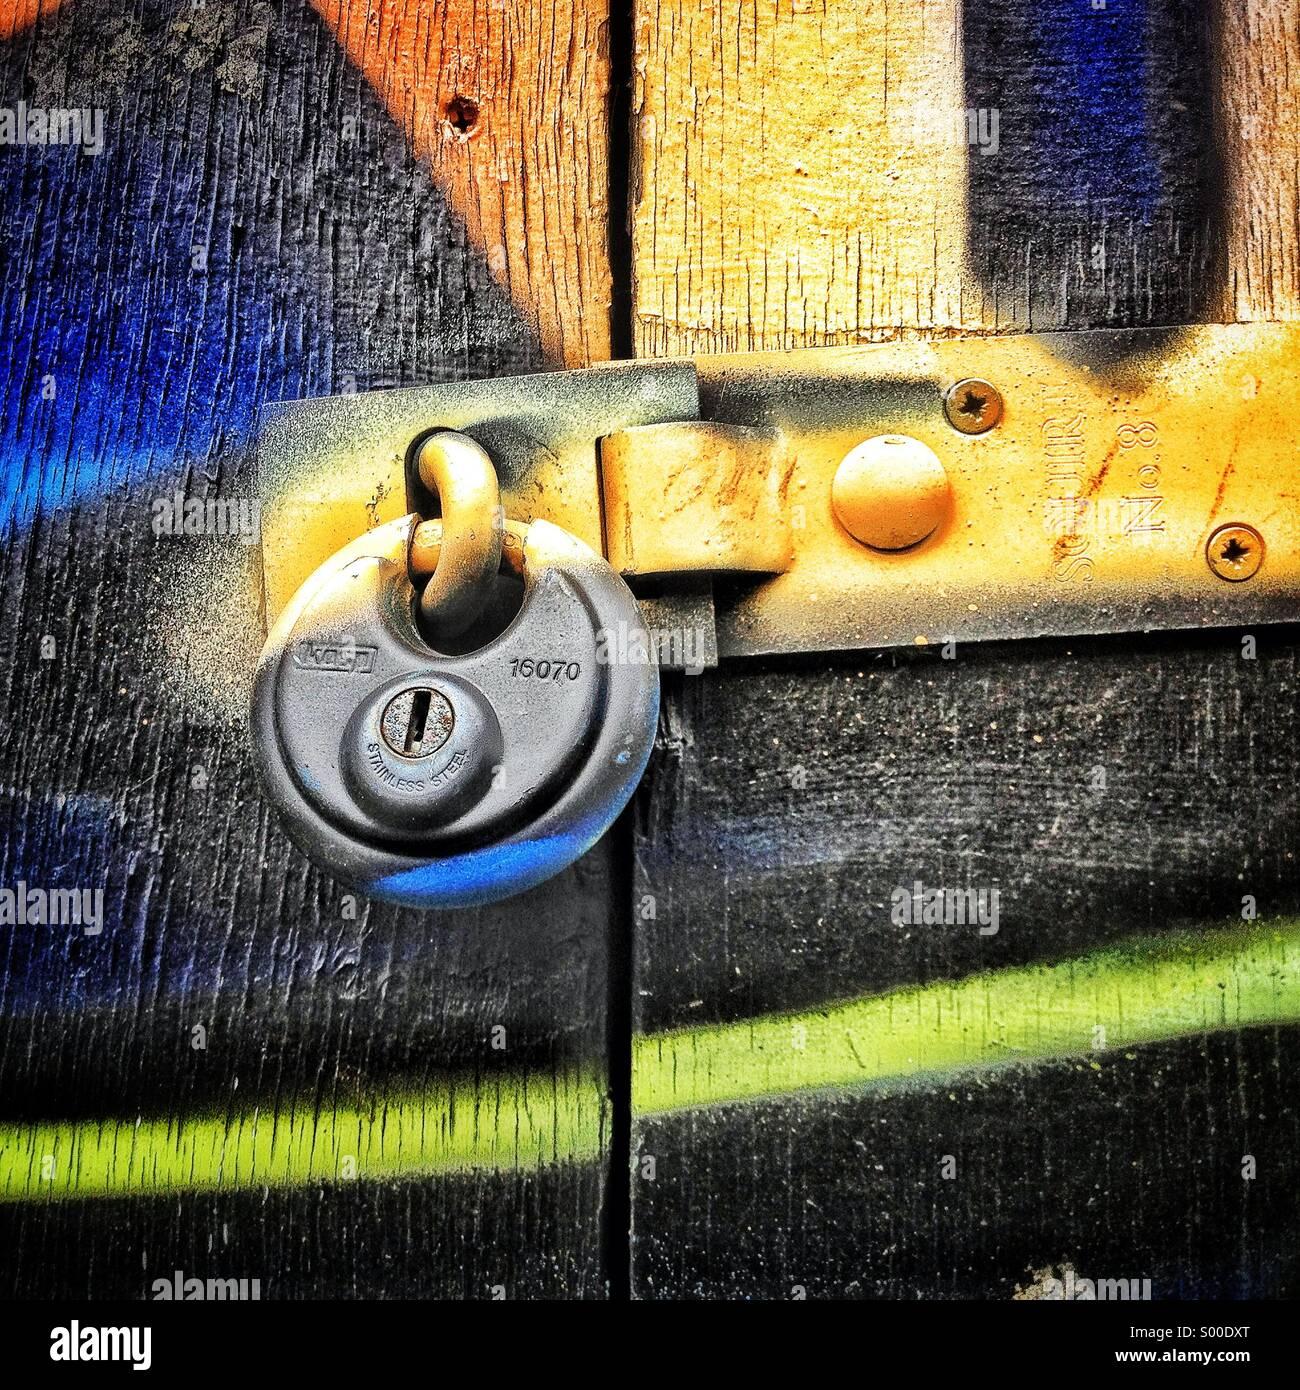 Graffiti sobre bloqueo de puerta Imagen De Stock